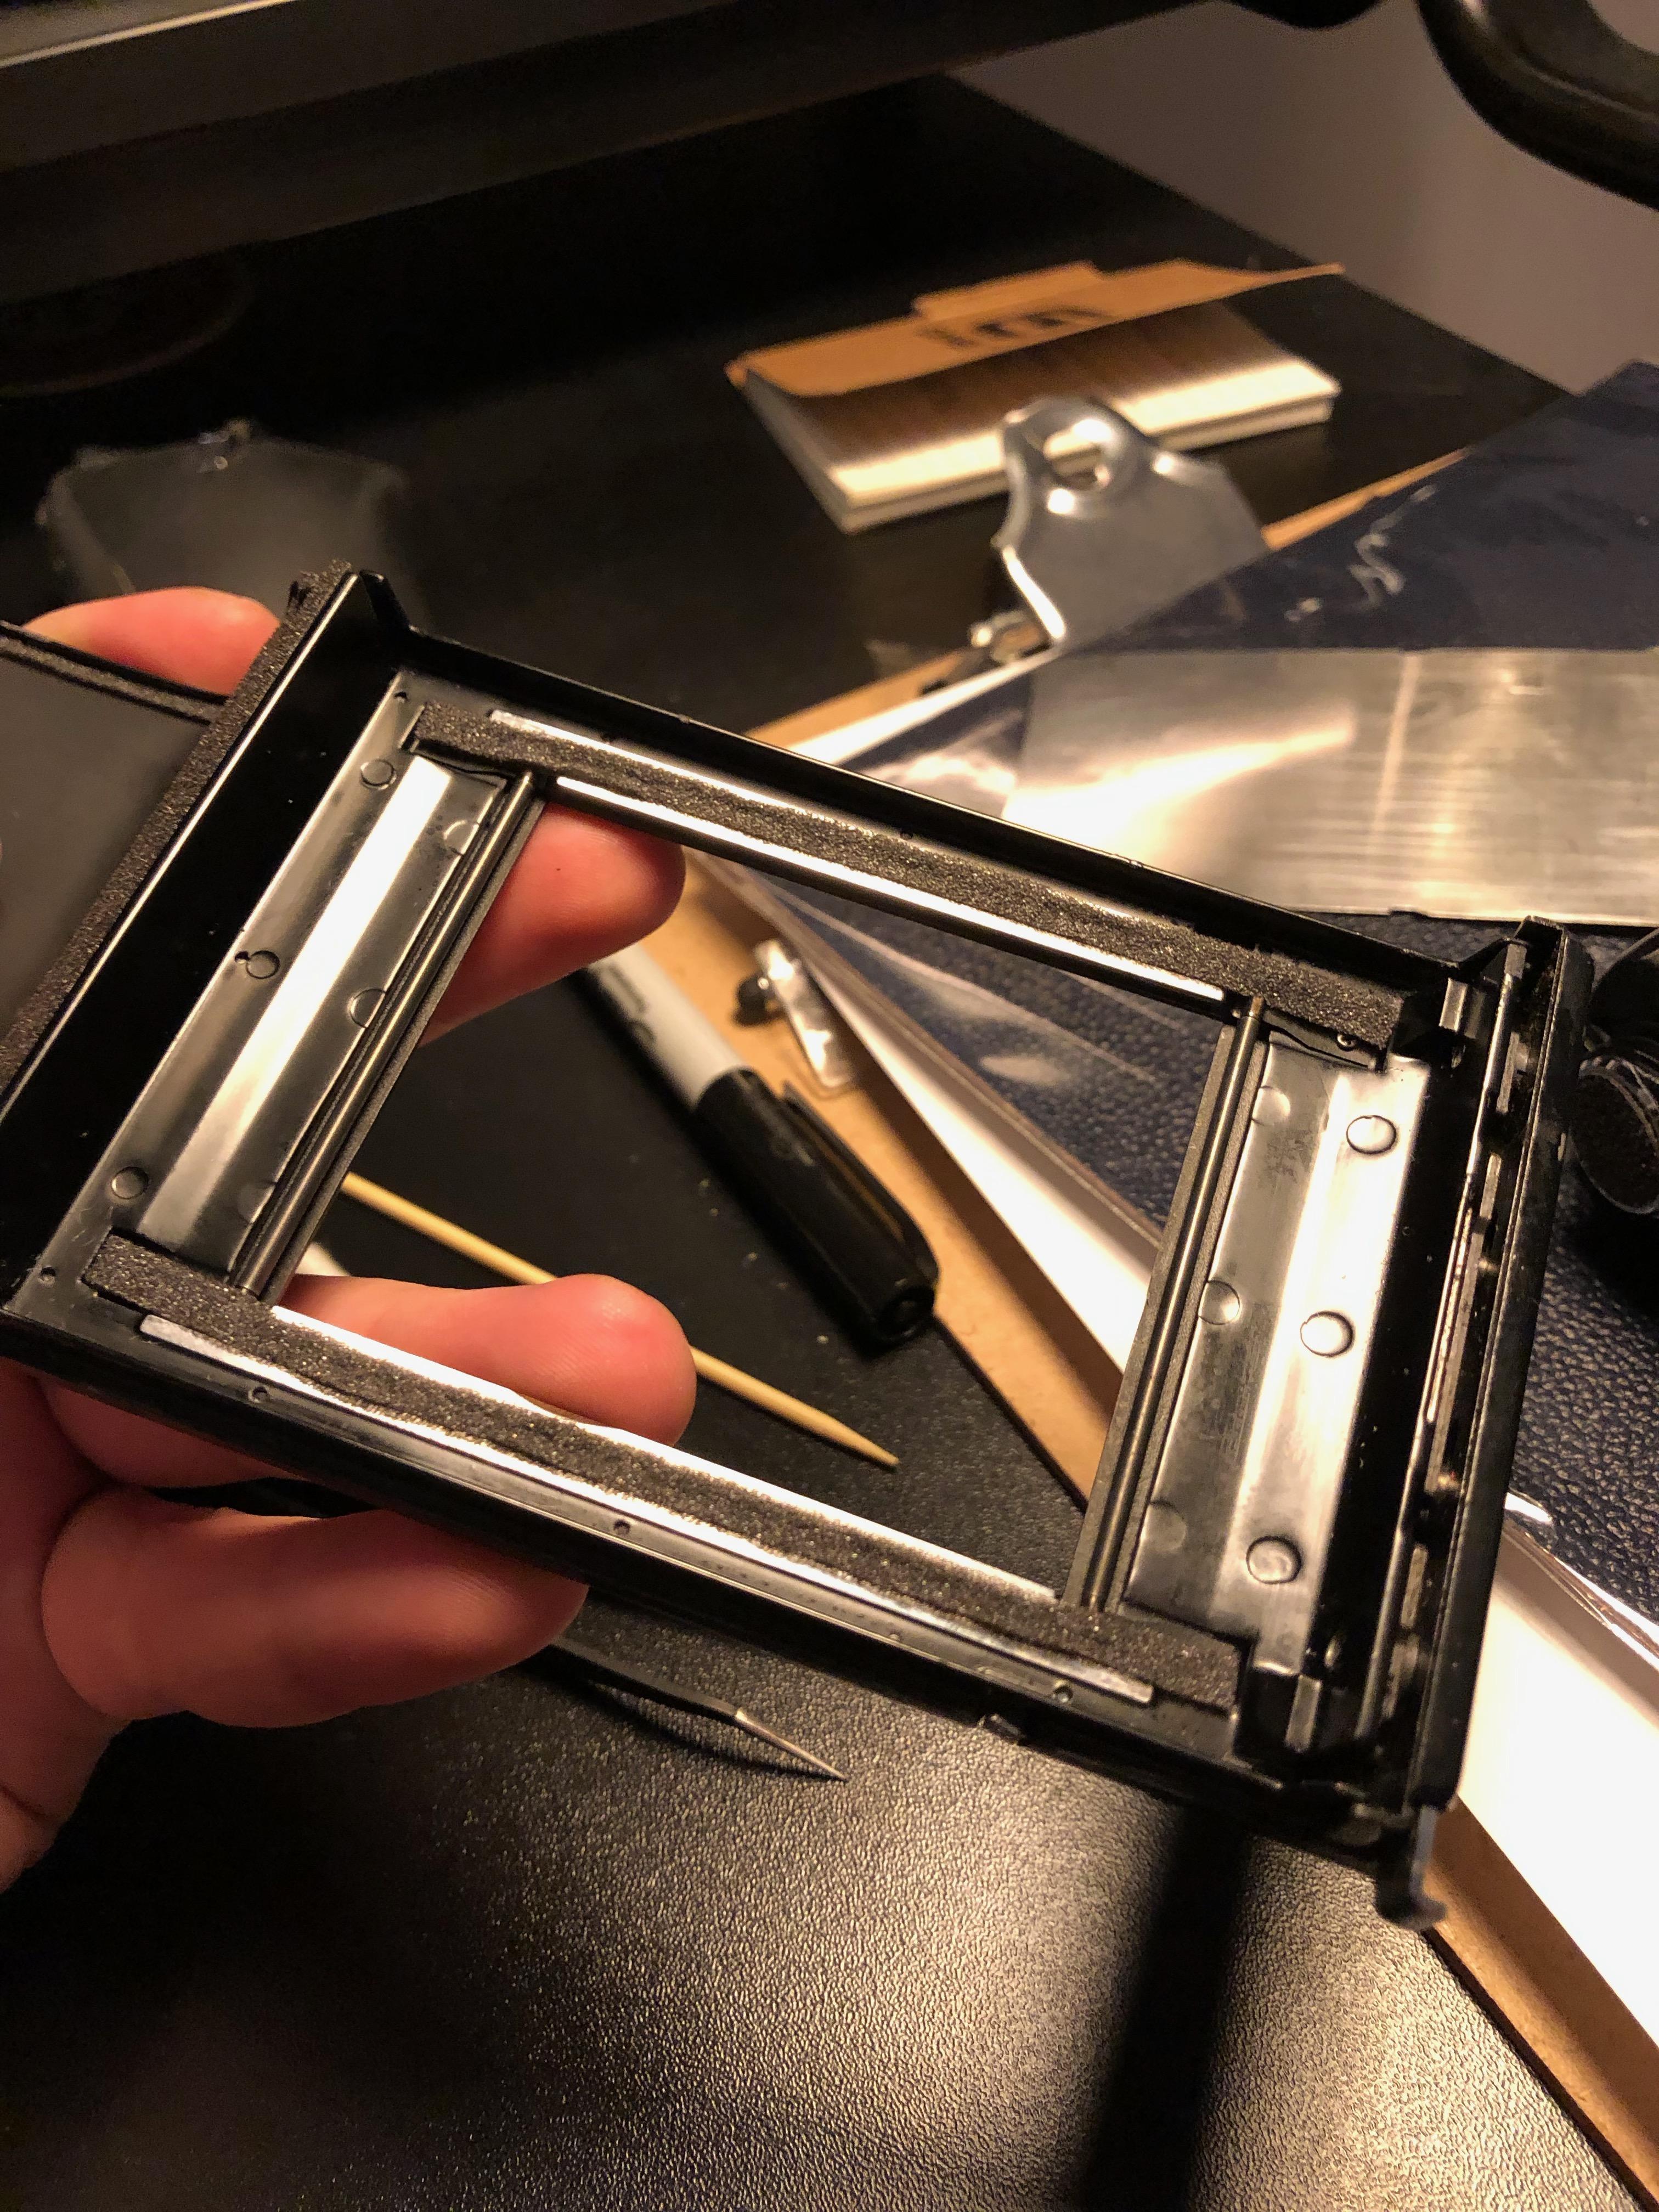 mamiya-rb67-restoration-medium-format-camera-light-seals-leather-212